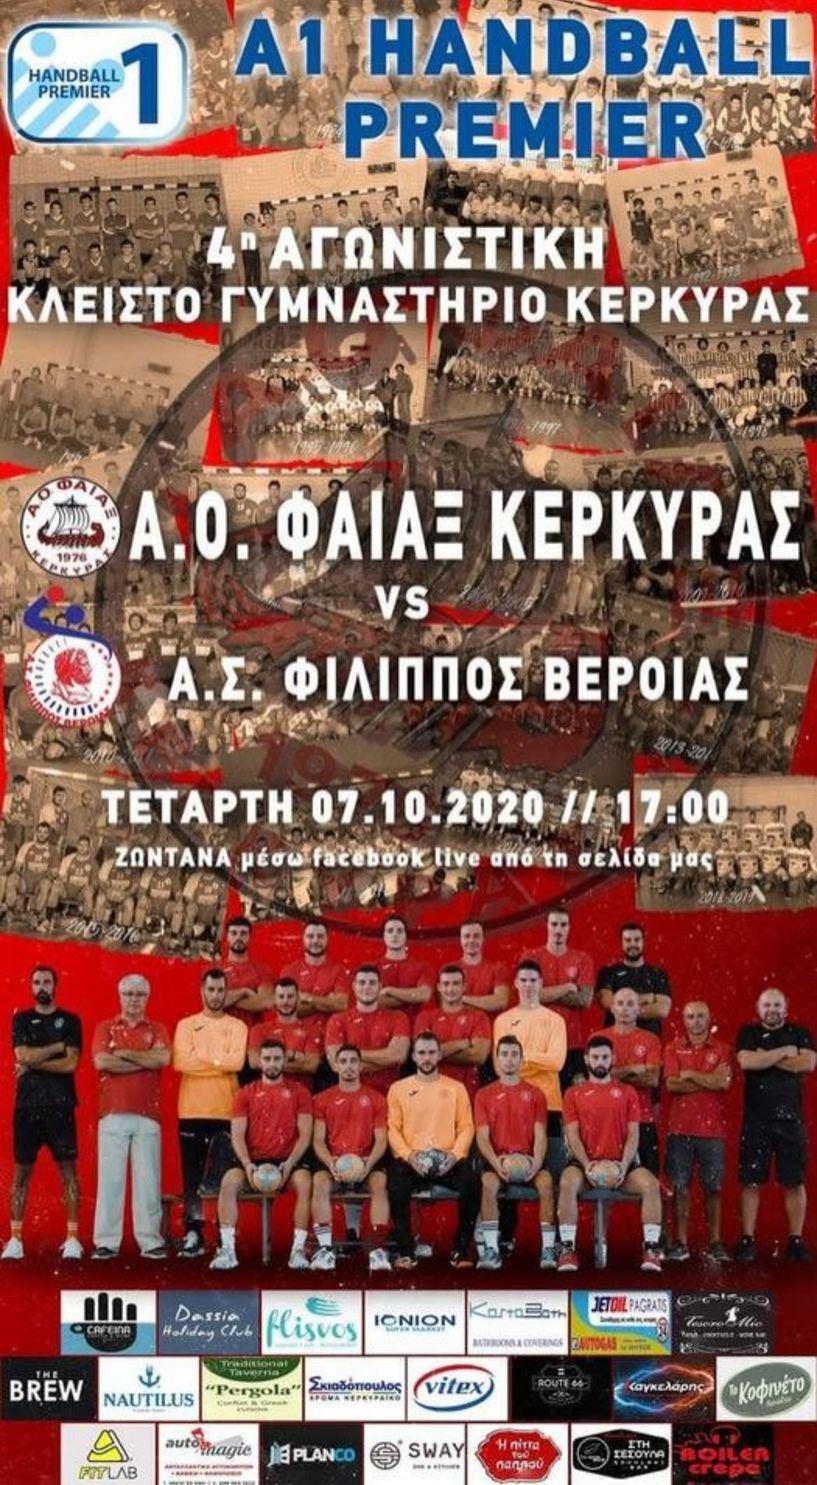 Την Τετάρτη 7/10/2020 (17.00) στην Κέρκυρα με τον Φαίακα ο Φίλιππος Βέροιας